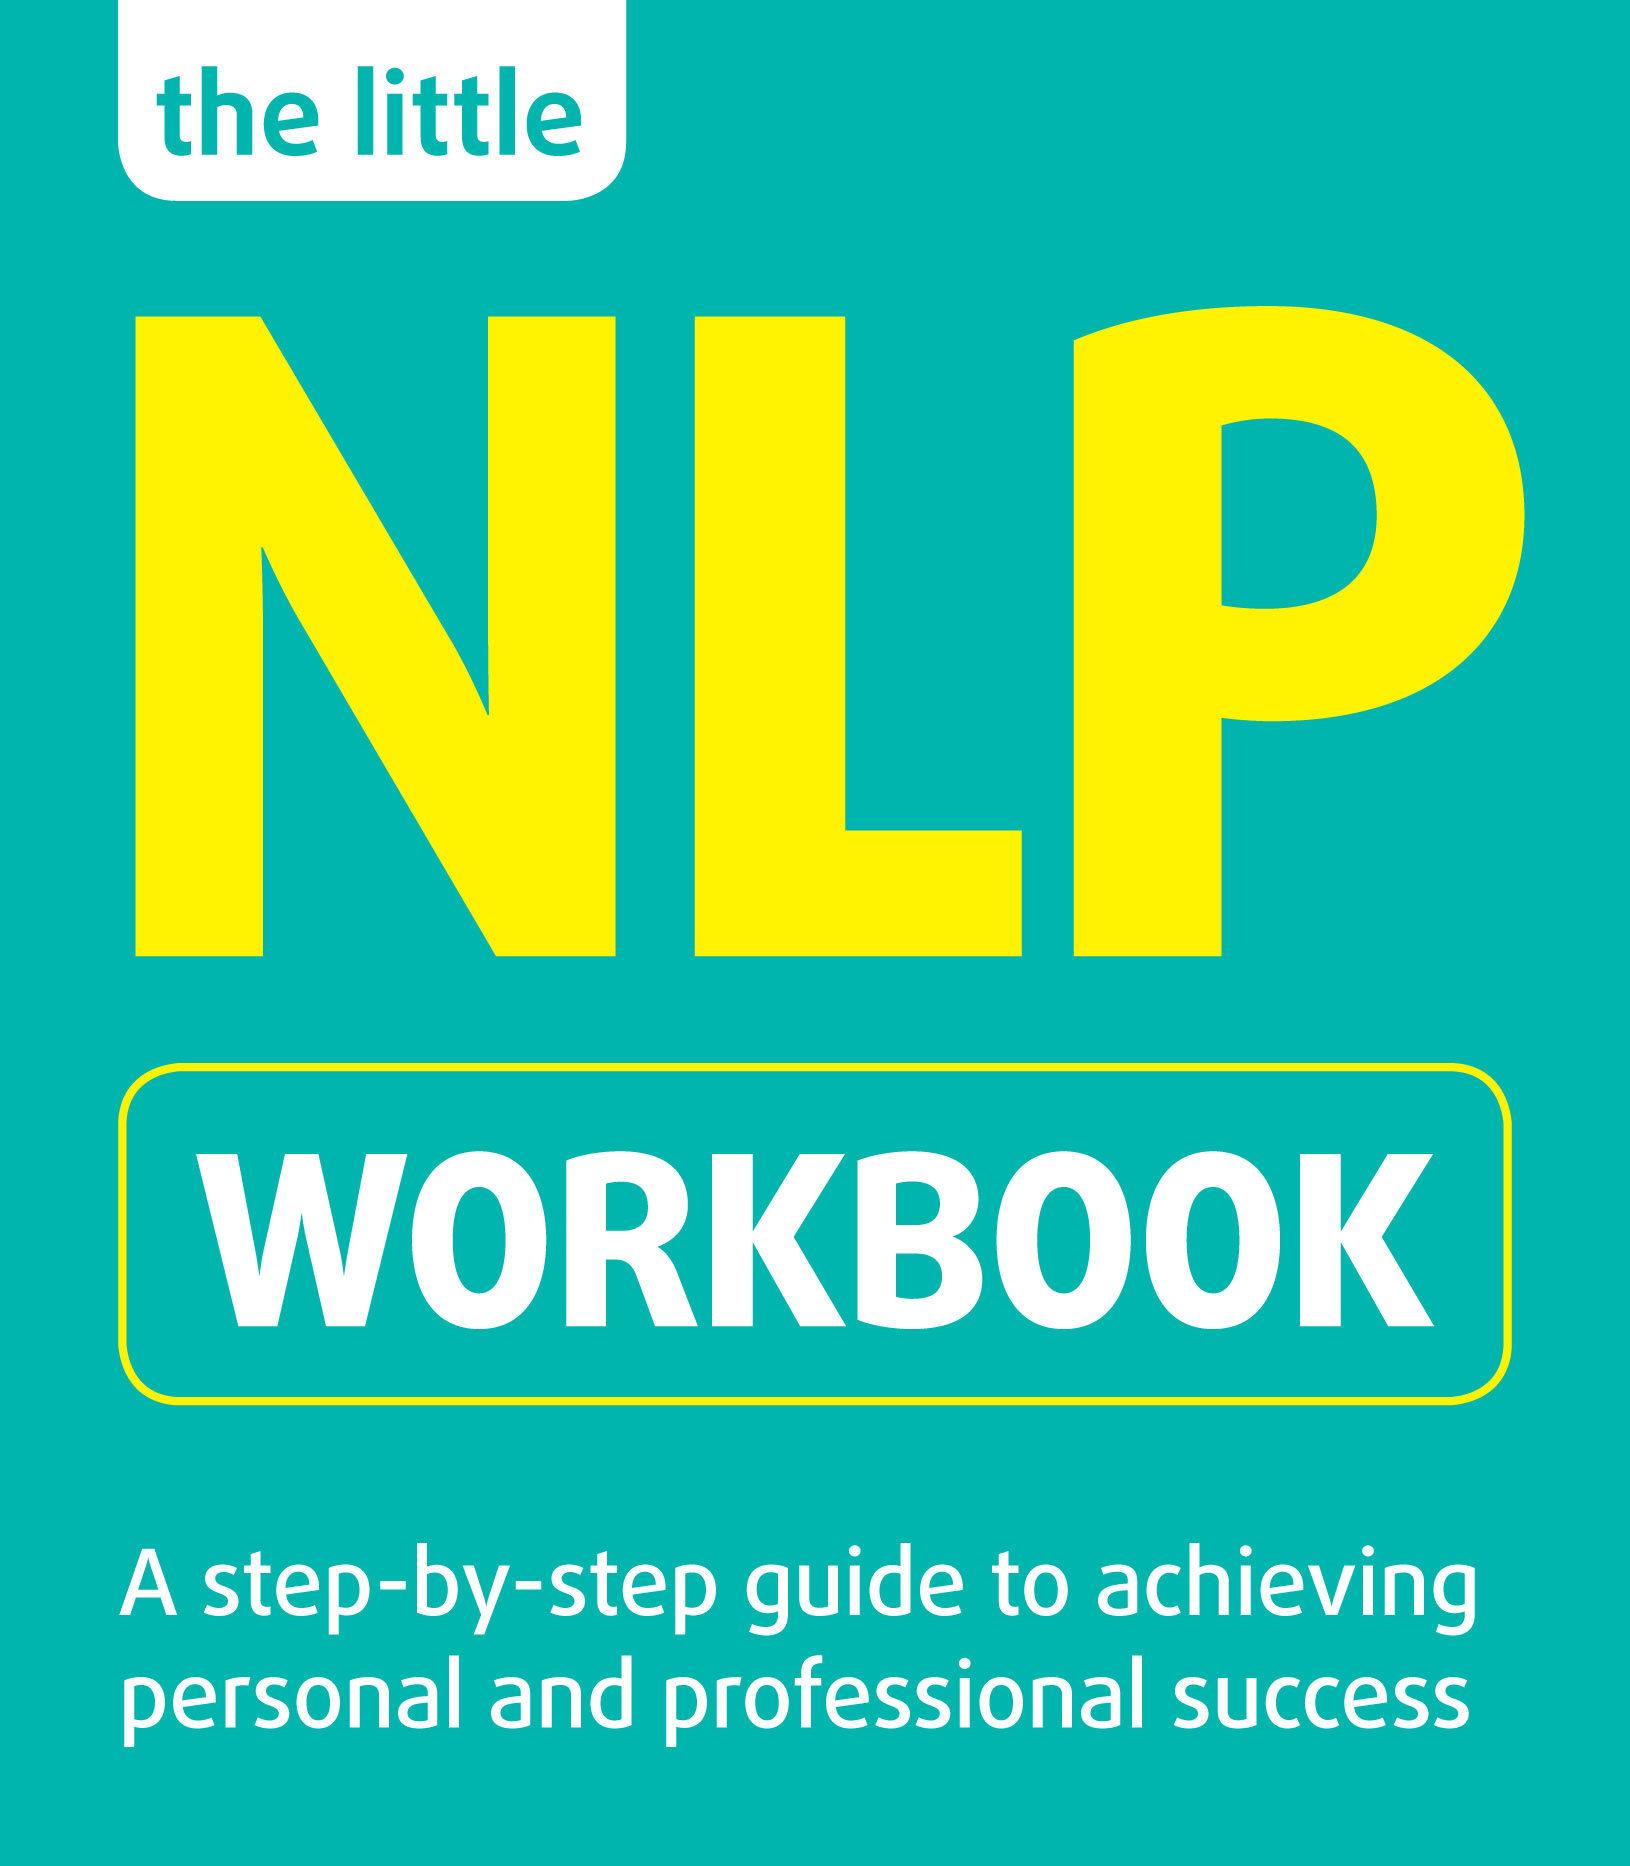 For nlp pdf workbook dummies